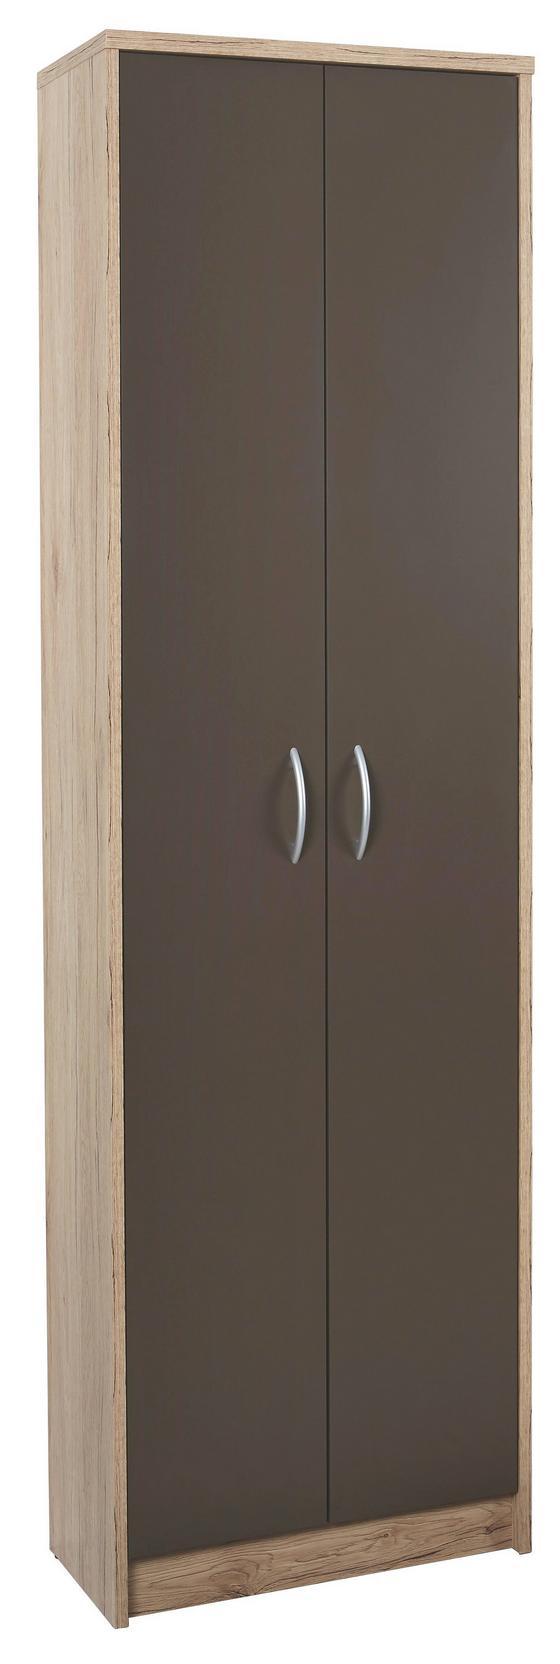 Ruhásszekrény Iza - Tölgyfa/Barna, konvencionális, Faalapú anyag (55/190/26cm)